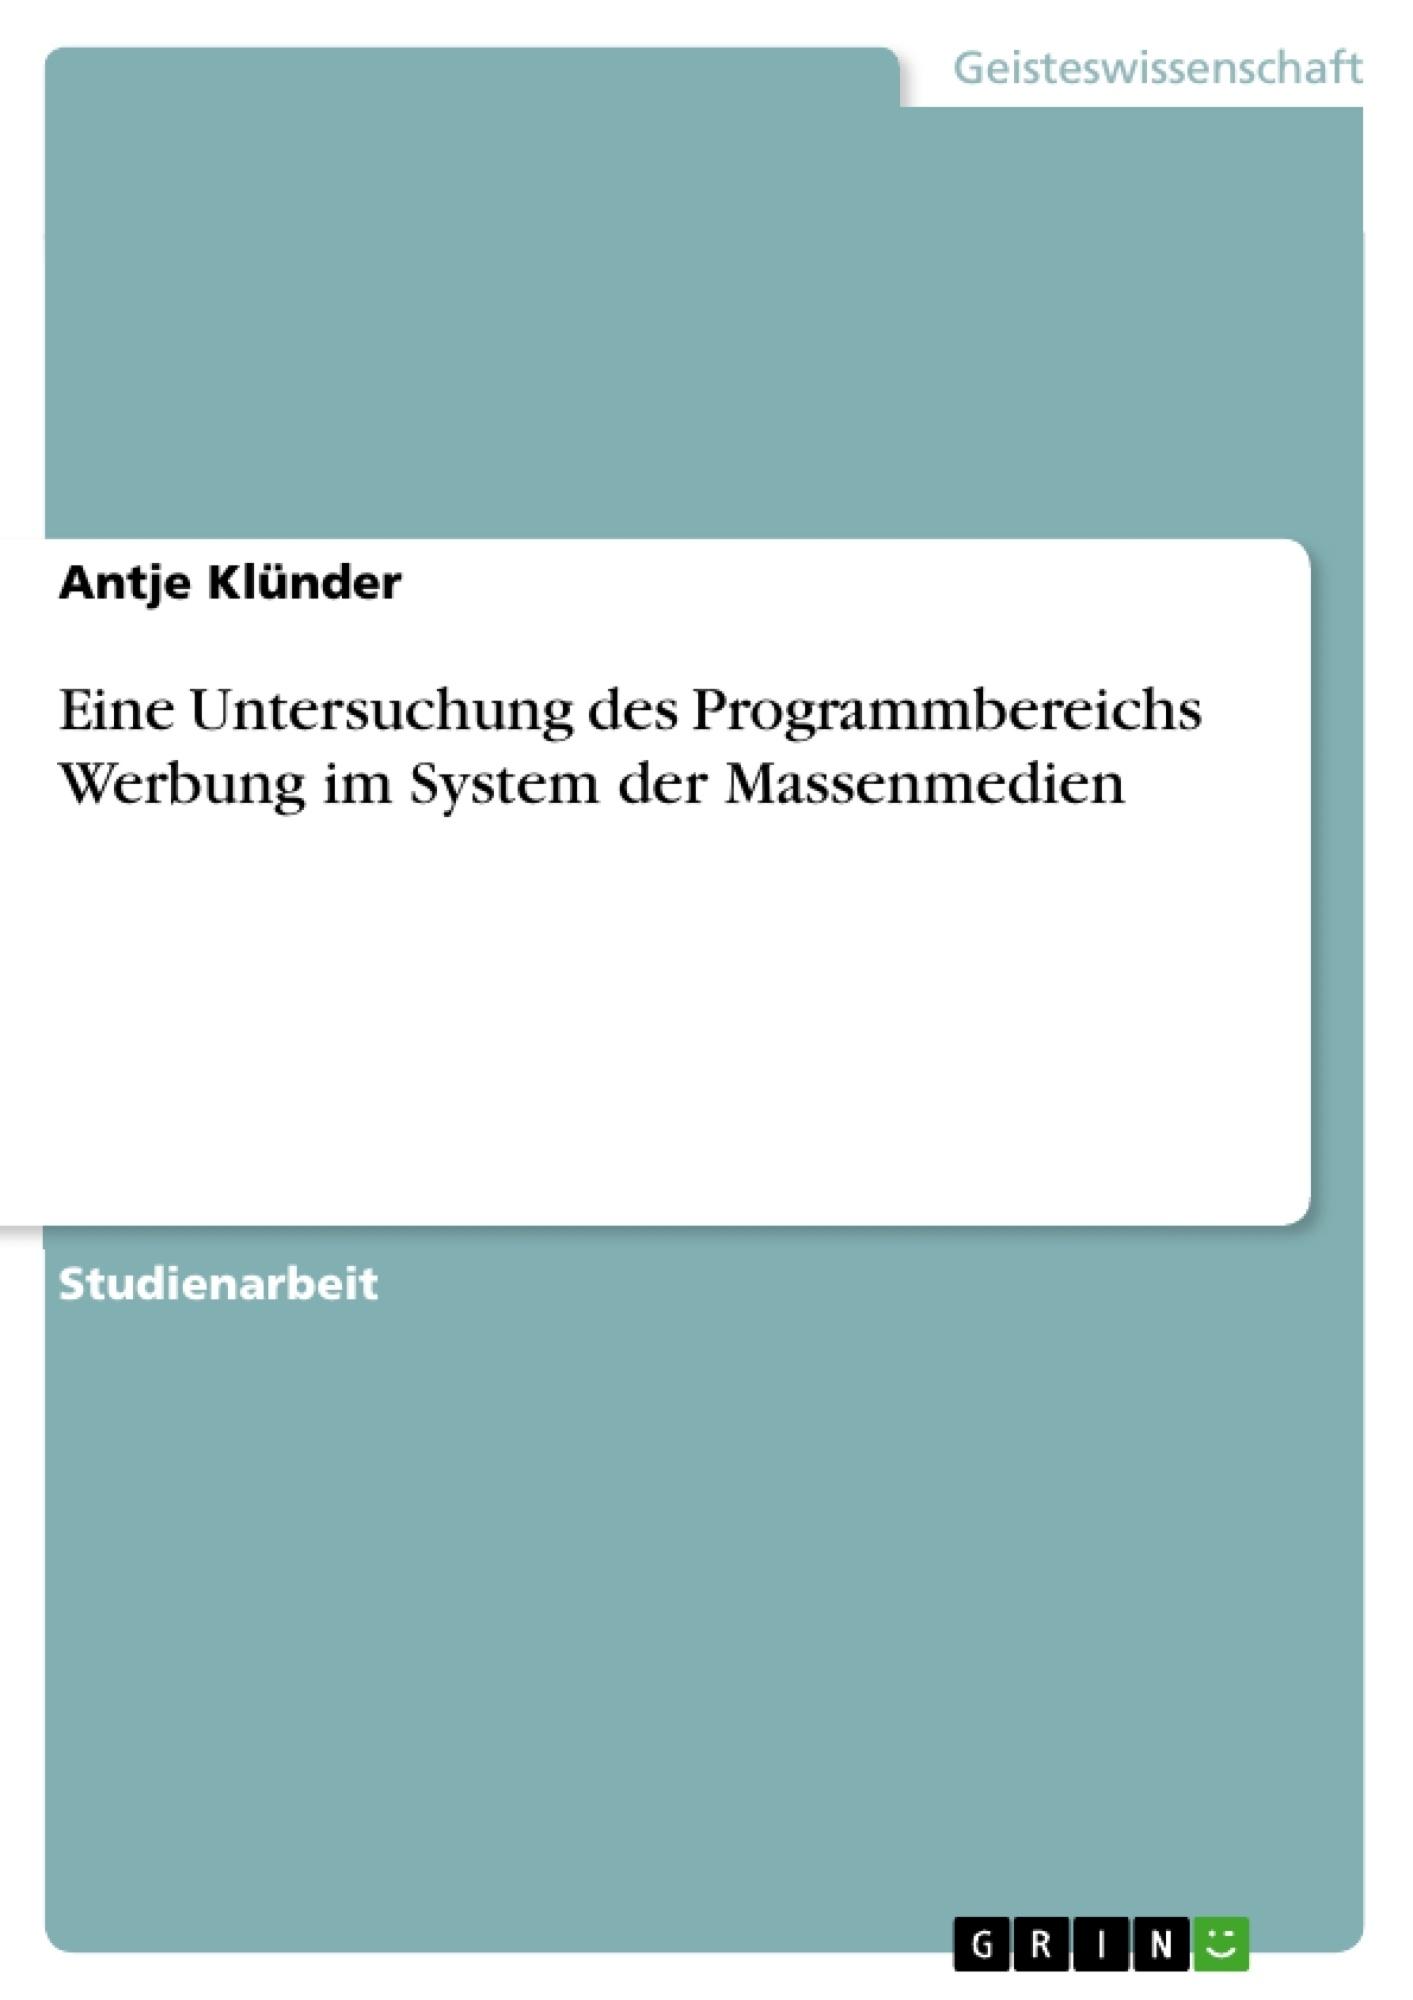 Titel: Eine Untersuchung des Programmbereichs Werbung im System der Massenmedien